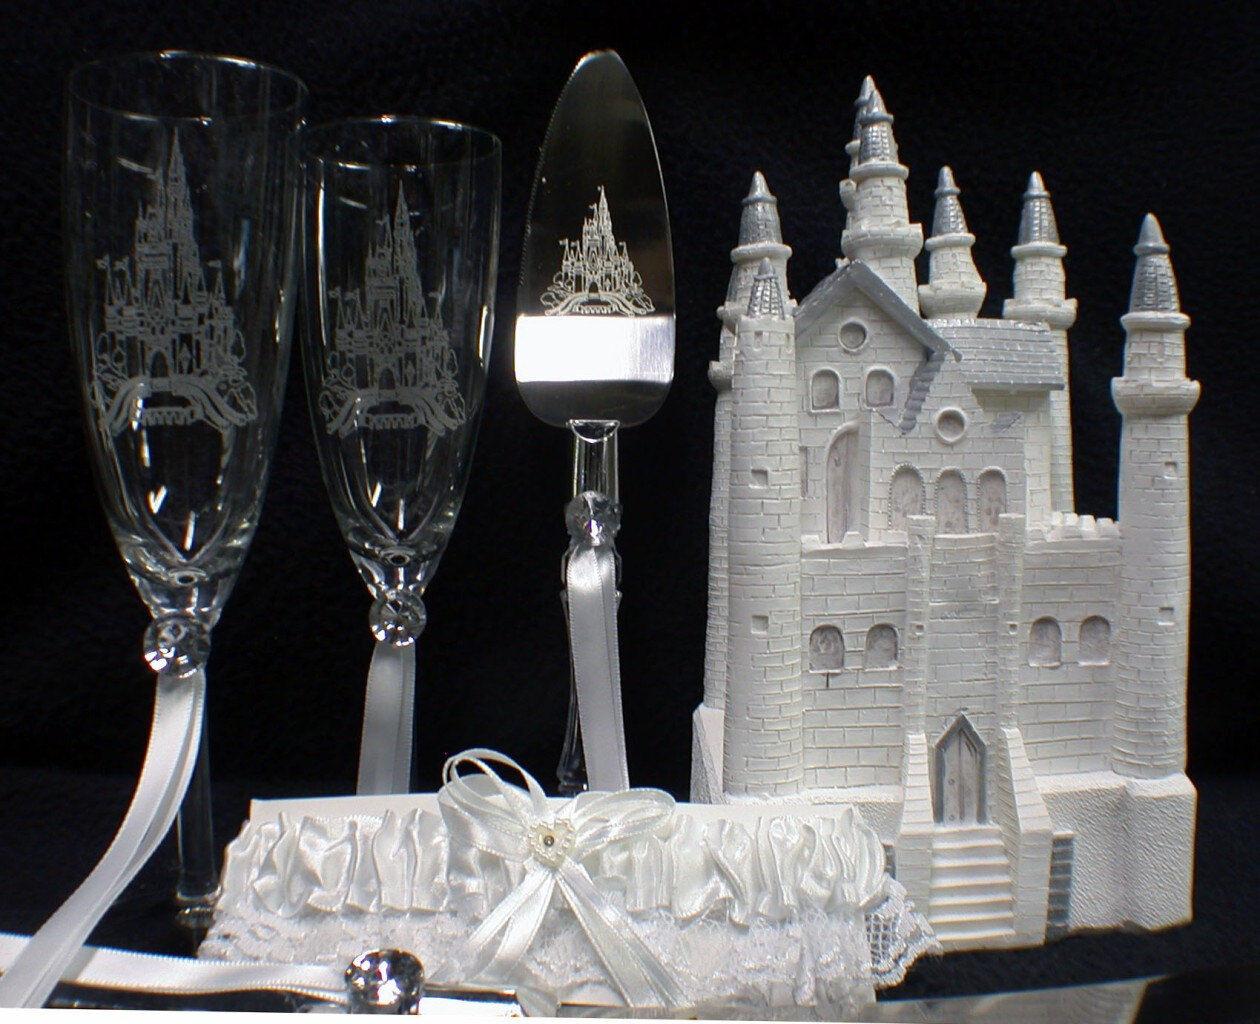 Conte De Fées Castle wedding cake topper toastage Verres Lot de Couteaux Lot Cendrillon